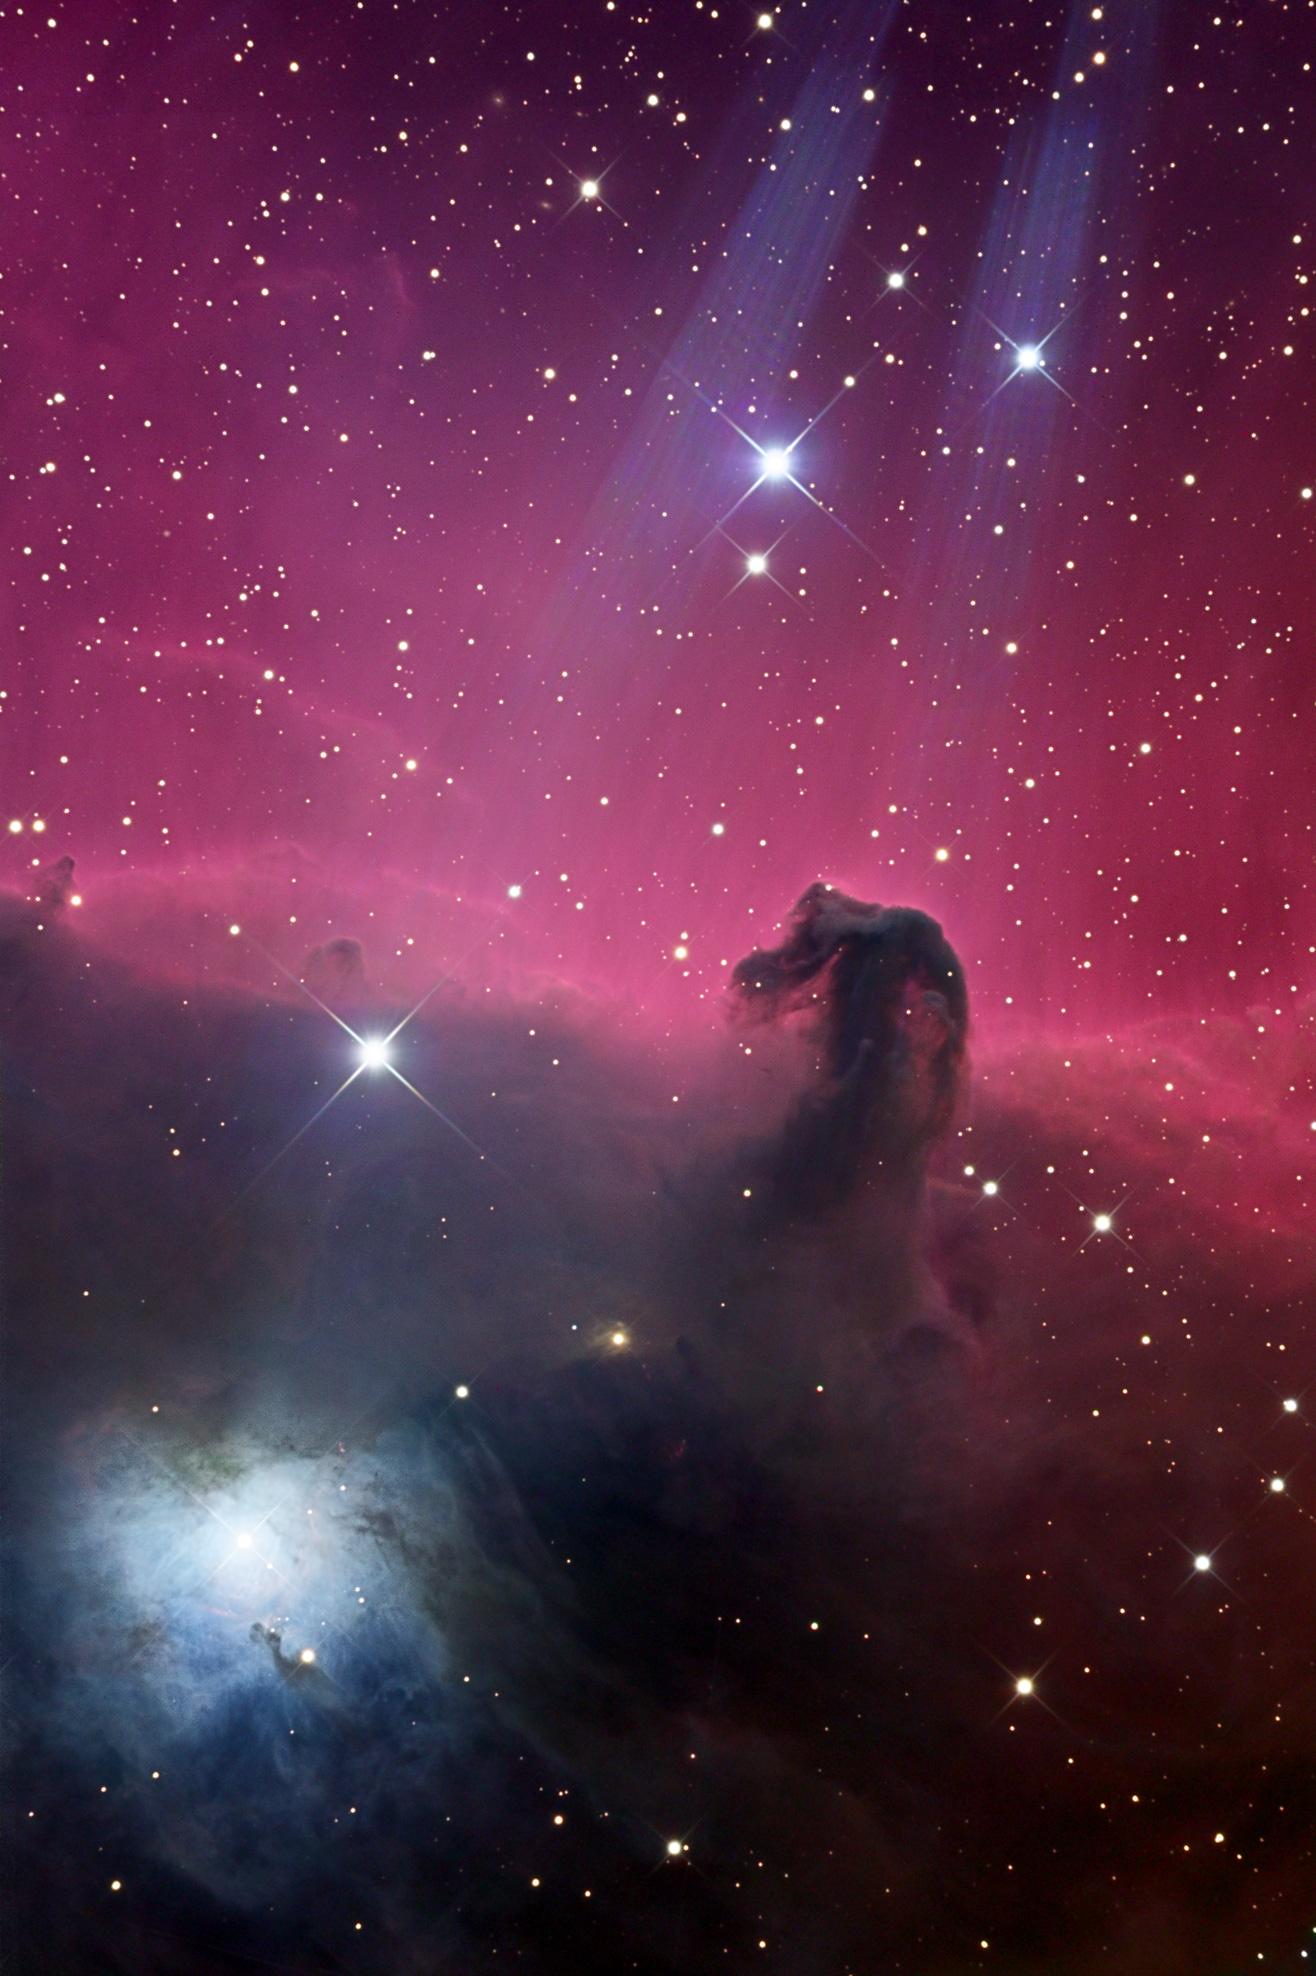 Most Inspiring Wallpaper Horse Nebula - horsehead_verschatse_f  2018_501382.jpg